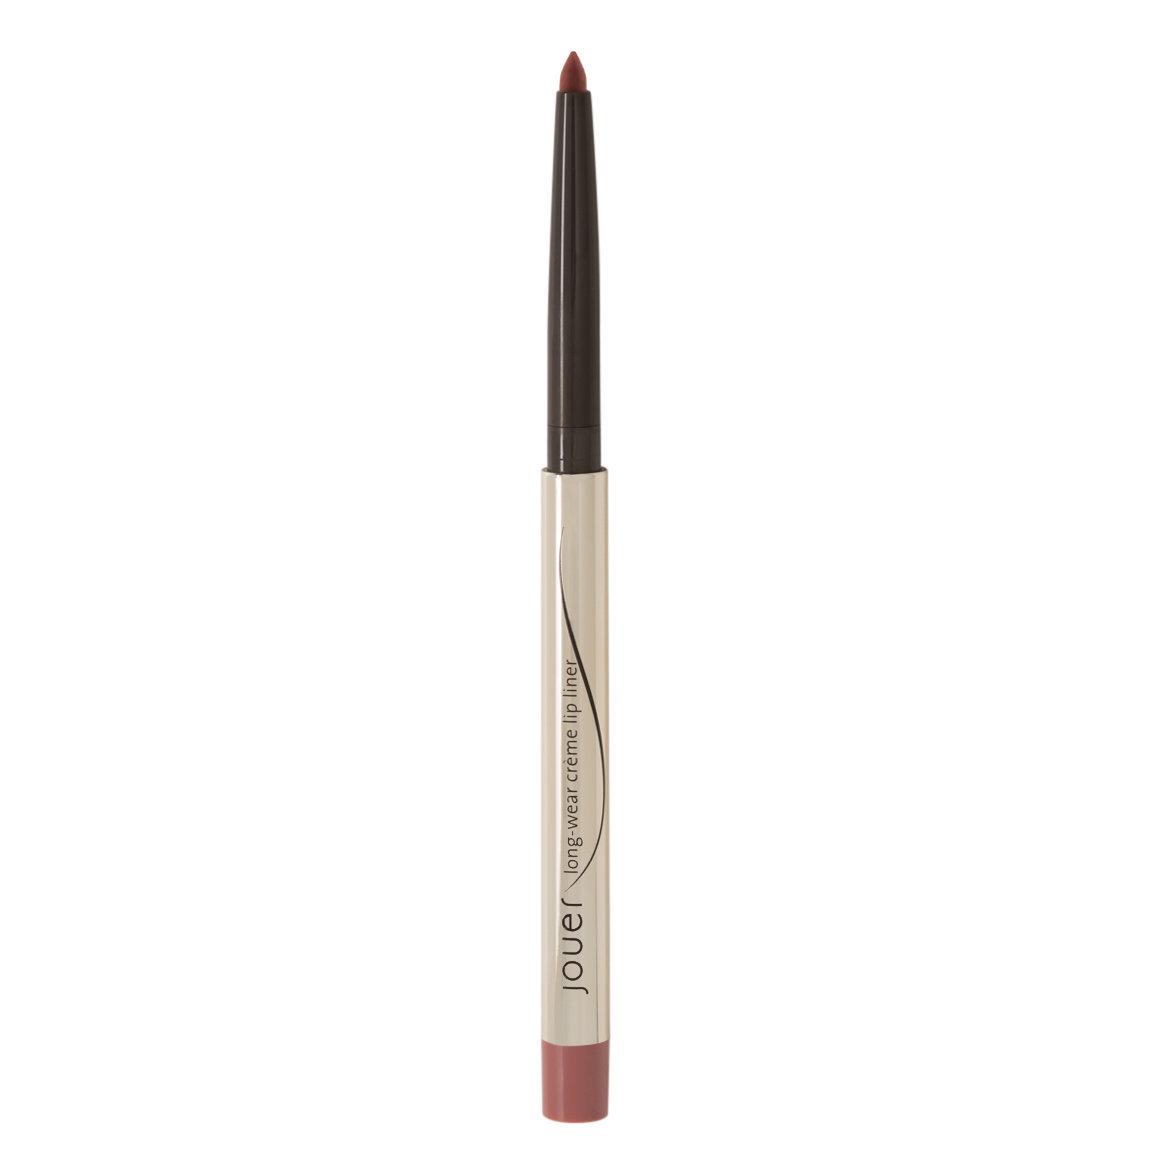 Jouer Cosmetics Long-Wear Crème Lip-Liner Sable